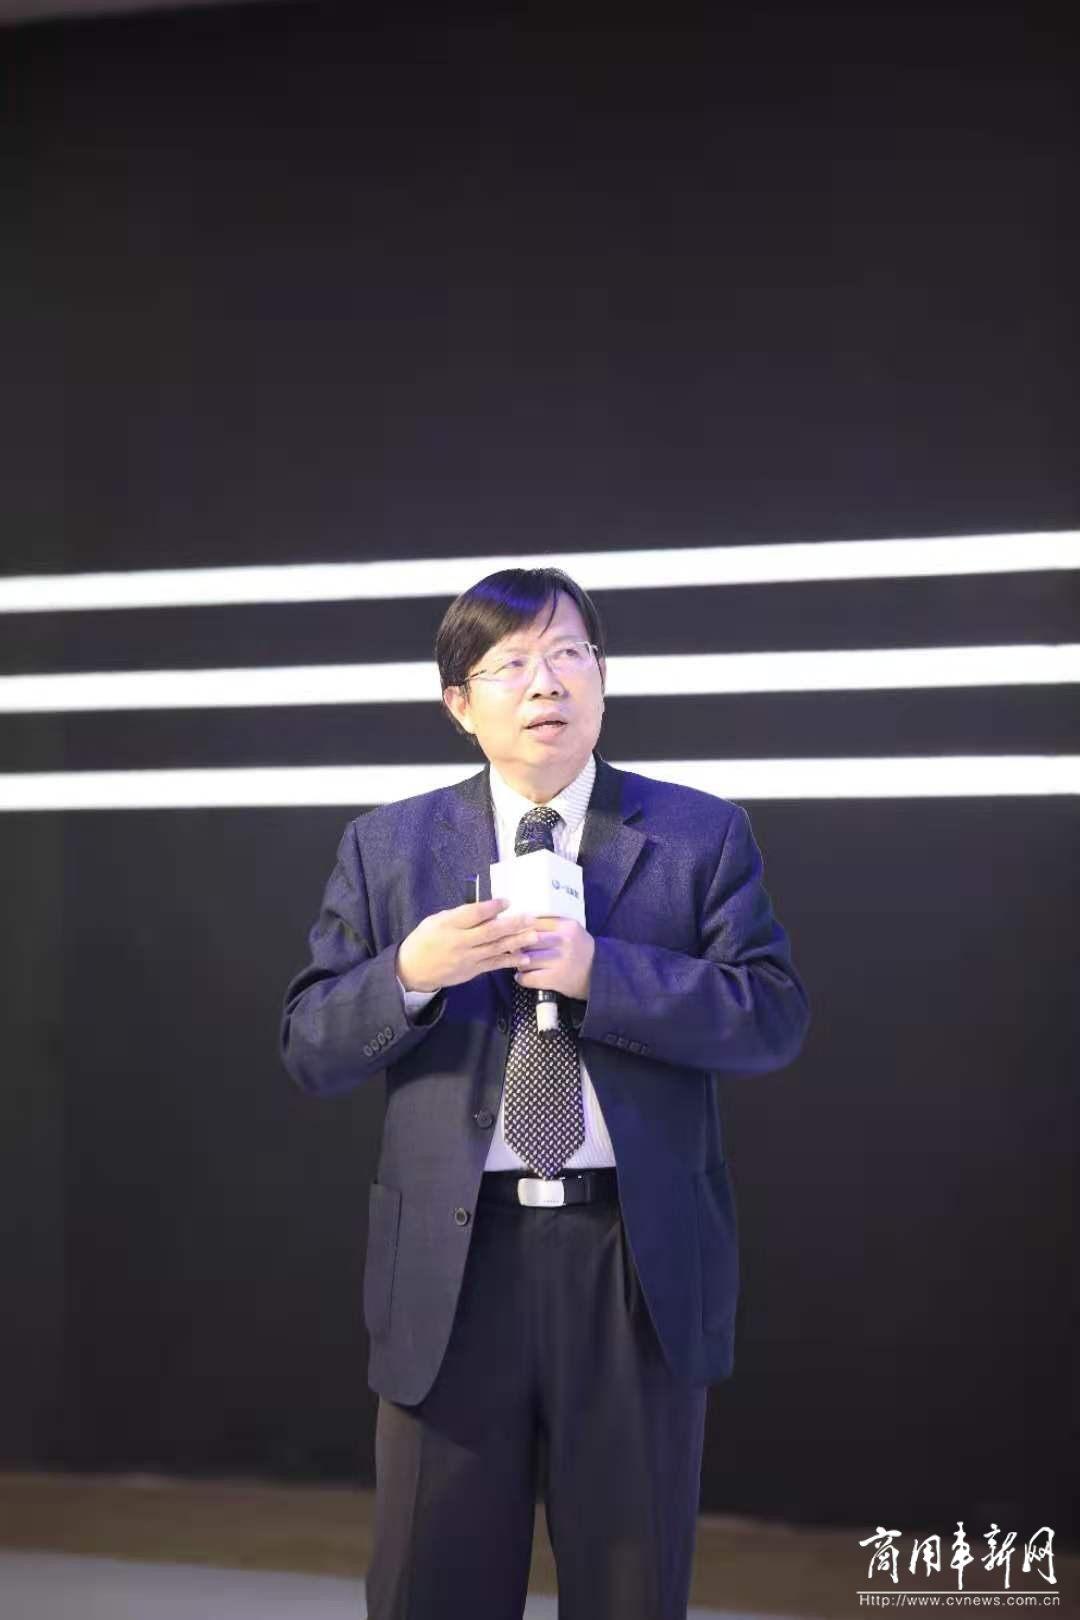 广州车展|J6L领航版2.0载货+超低排放柴油机,一汽解放新品双发、精彩亮相